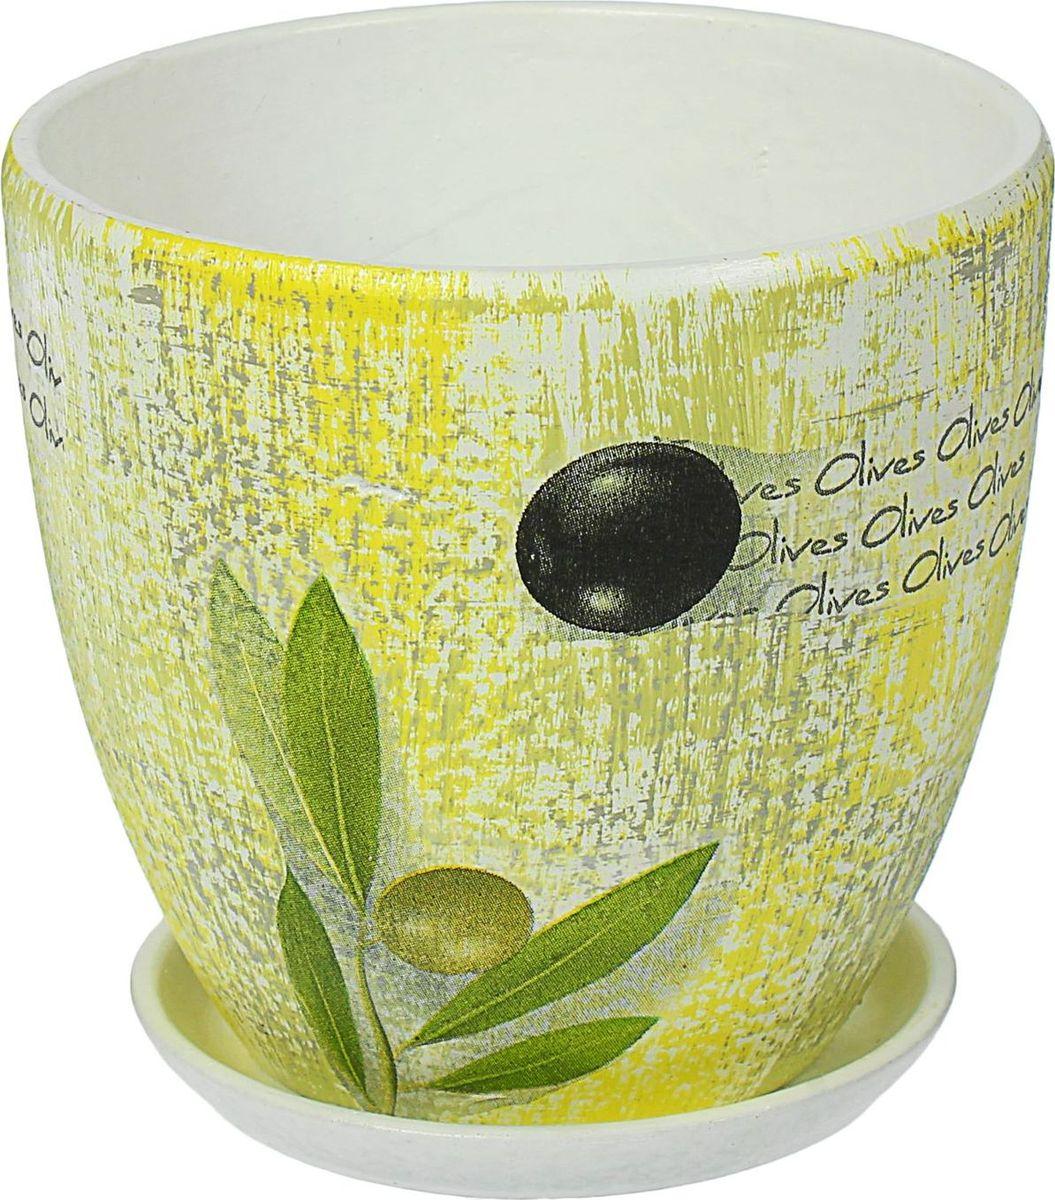 Кашпо Олива, 1,5 л1437911Комнатные растения — всеобщие любимцы. Они радуют глаз, насыщают помещение кислородом и украшают пространство. Каждому из них необходим свой удобный и красивый дом. Кашпо из керамики прекрасно подходят для высадки растений: за счет пластичности глины и разных способов обработки существует великое множество форм и дизайнов пористый материал позволяет испаряться лишней влаге воздух, необходимый для дыхания корней, проникает сквозь керамические стенки! позаботится о зеленом питомце, освежит интерьер и подчеркнет его стиль.